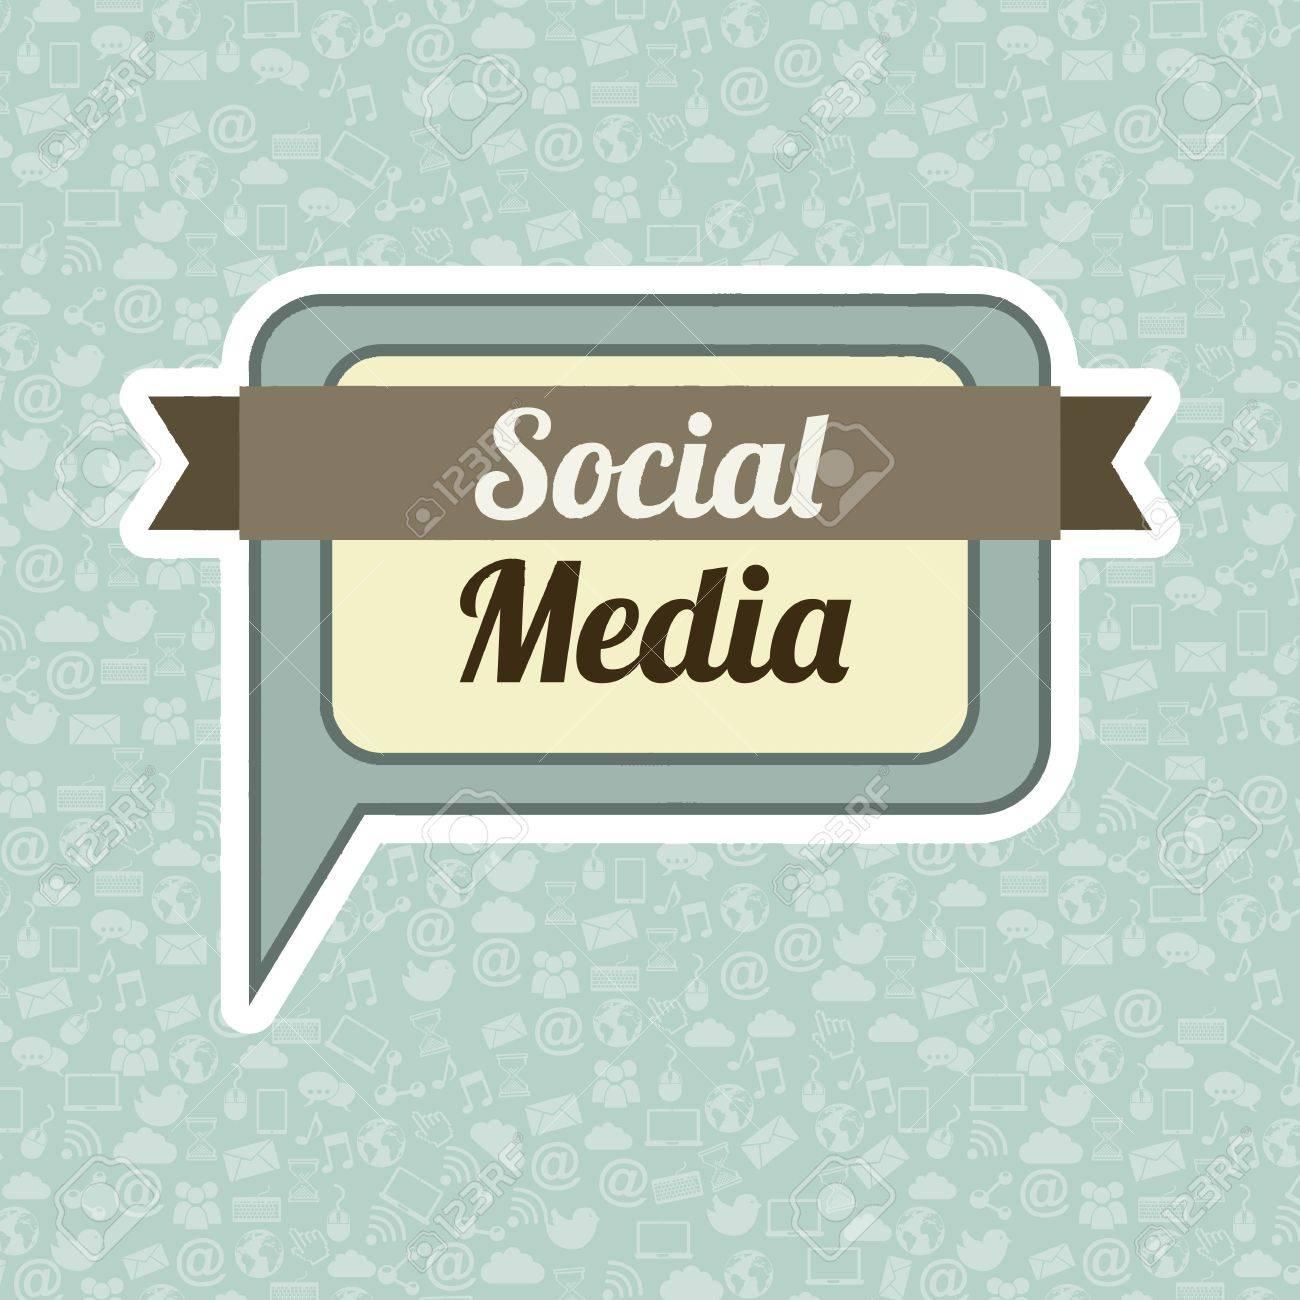 social media vintage over blue background illustration Stock Vector - 19307572